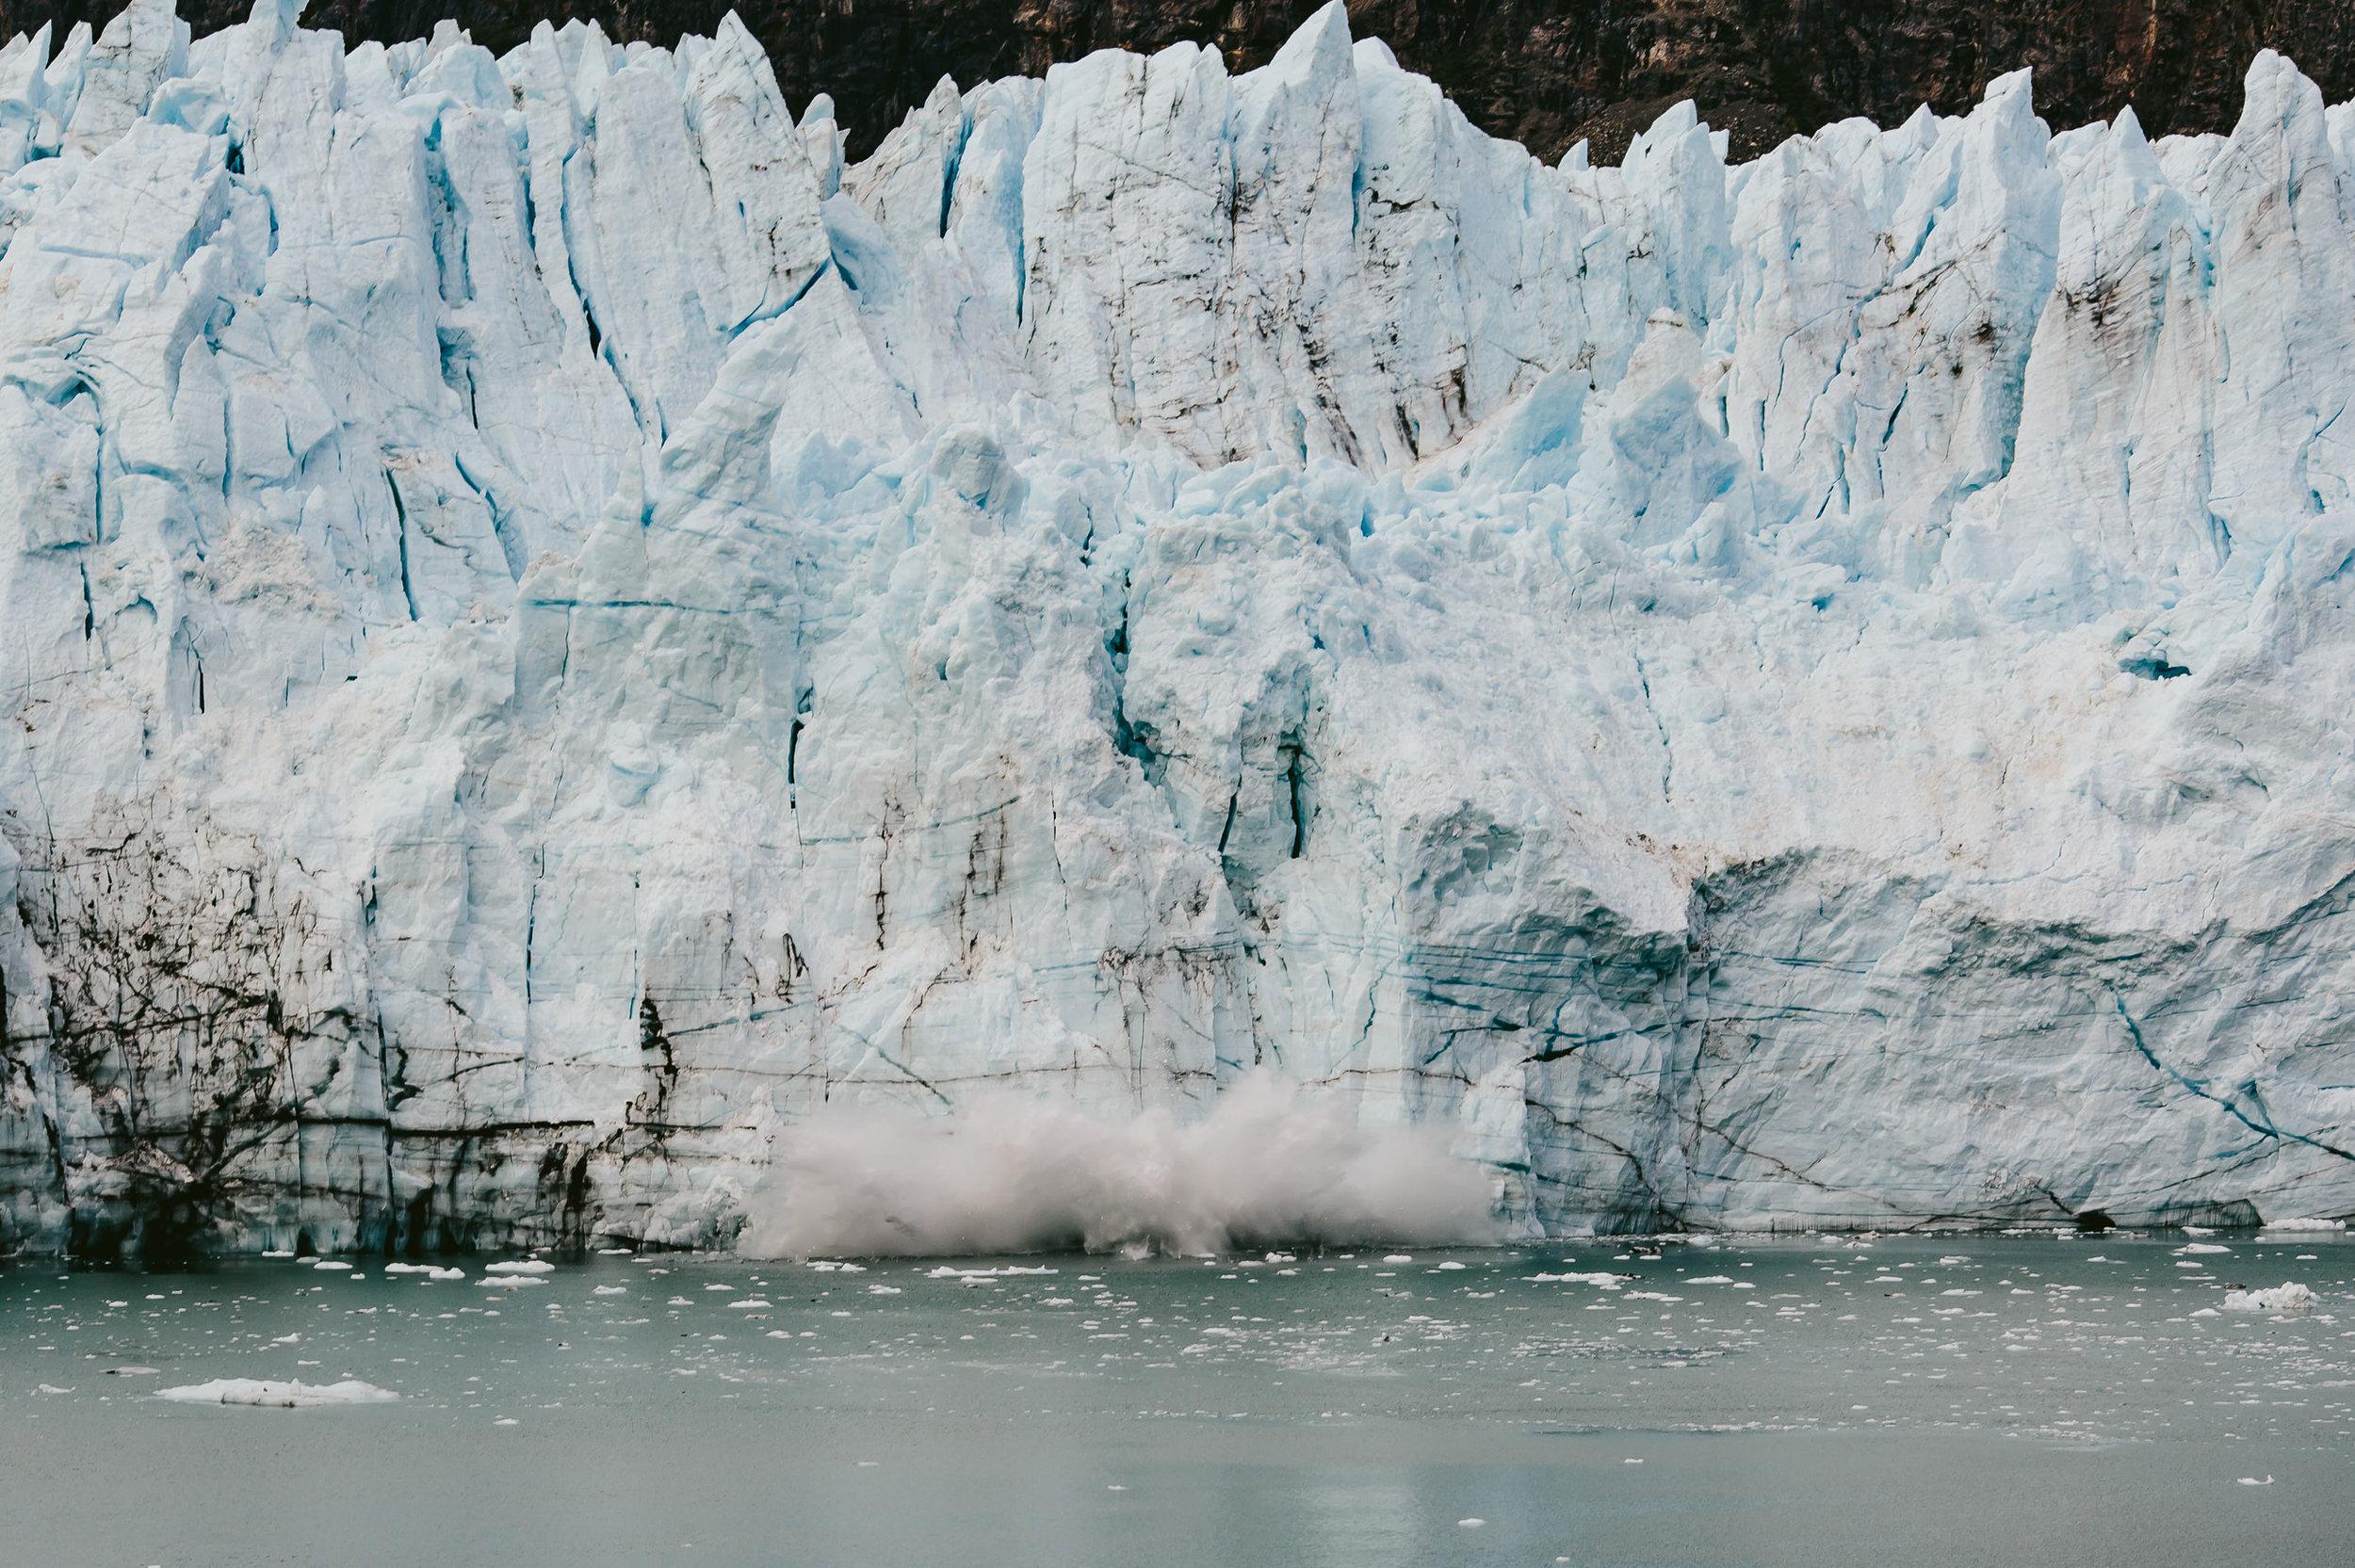 glacier_cracking_tiny_house_photo_vacation_alaska-1.jpg